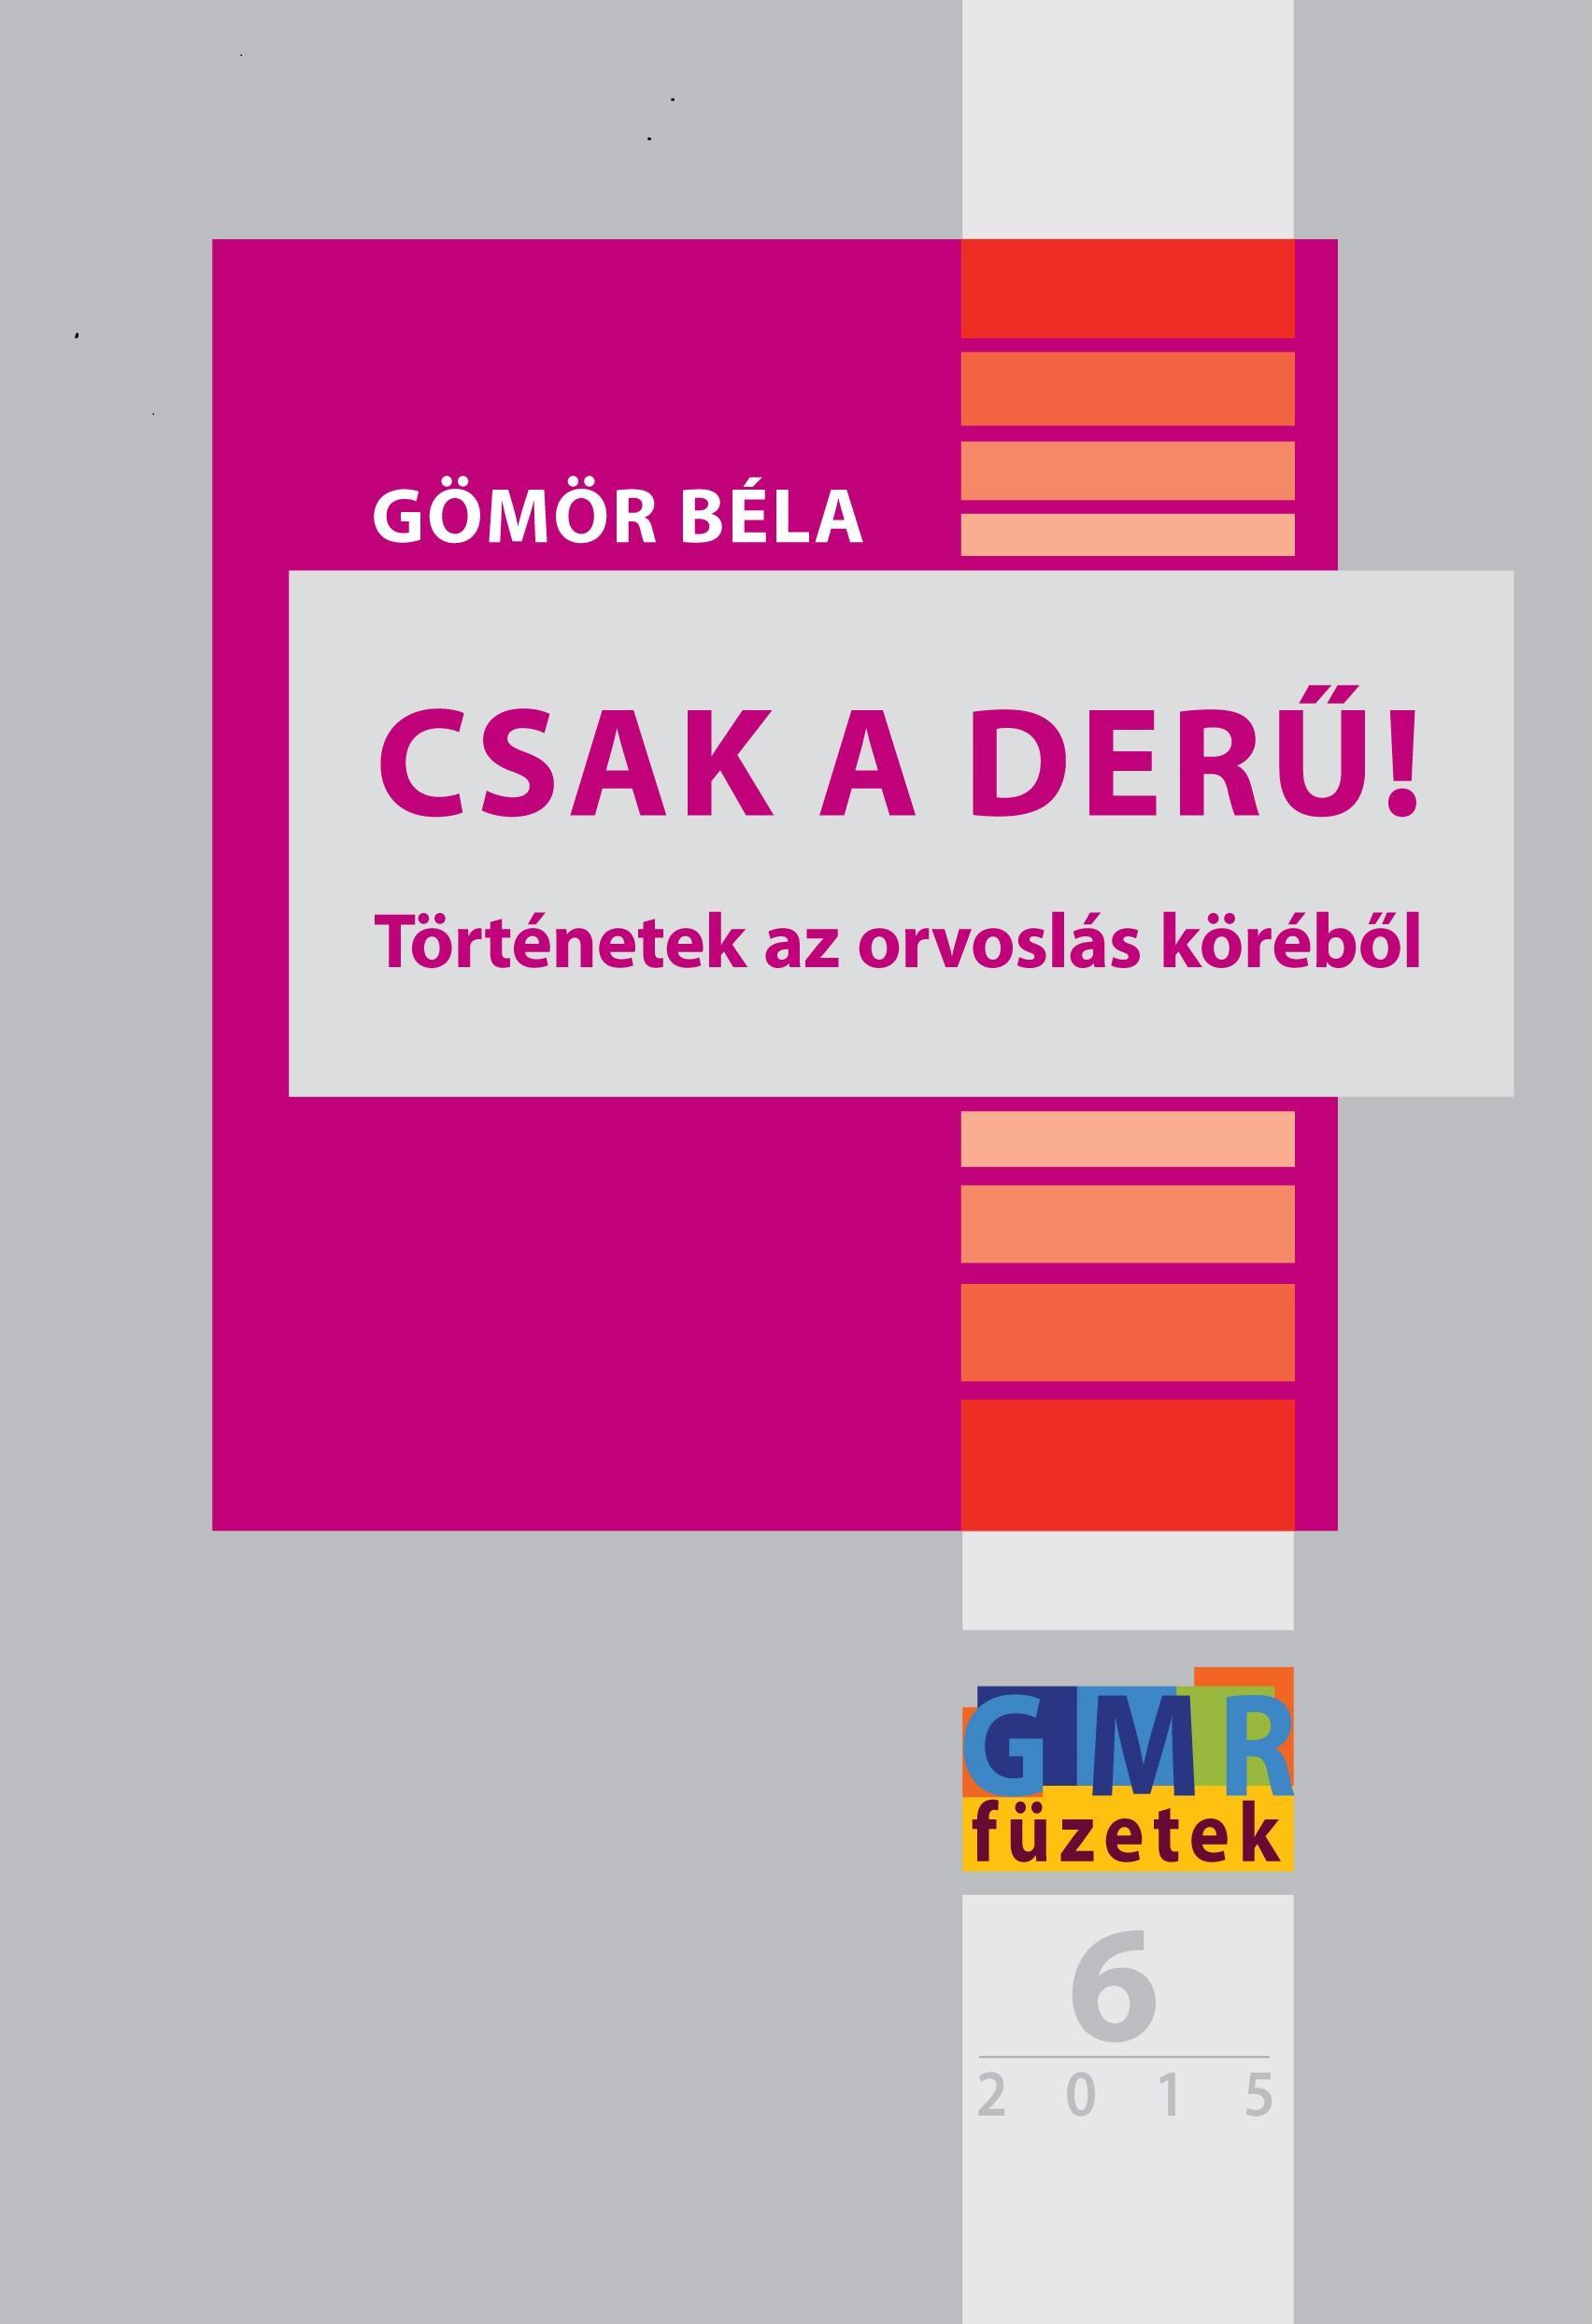 CSAK A DERŰ! - TÖRTÉNETEK AZ ORVOSLÁS KÖRÉBŐL